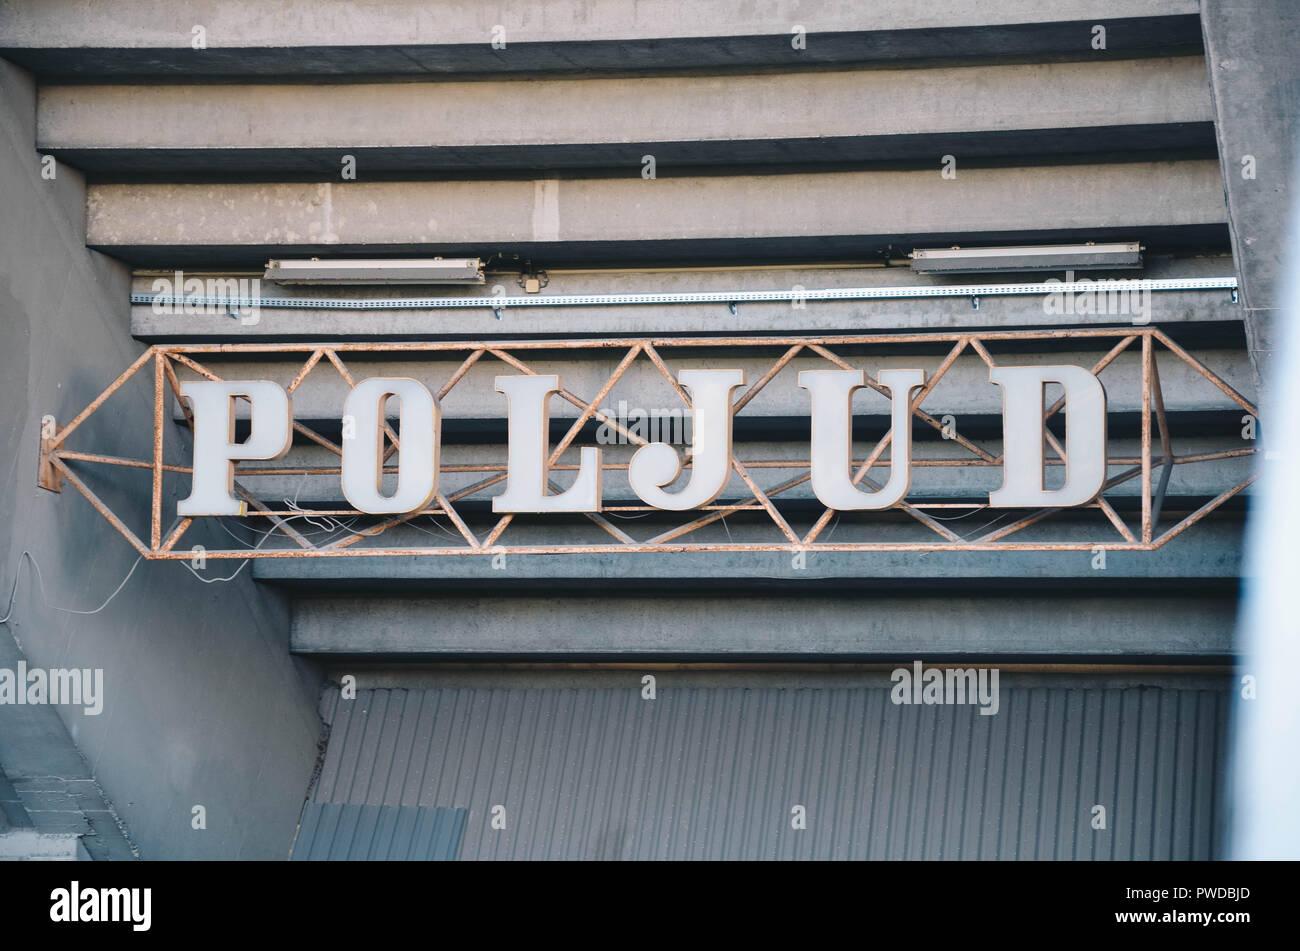 Exterior of the Poljud stadium, home of Hadjuk Split football club, Split, Croatia, September 2018 Stock Photo